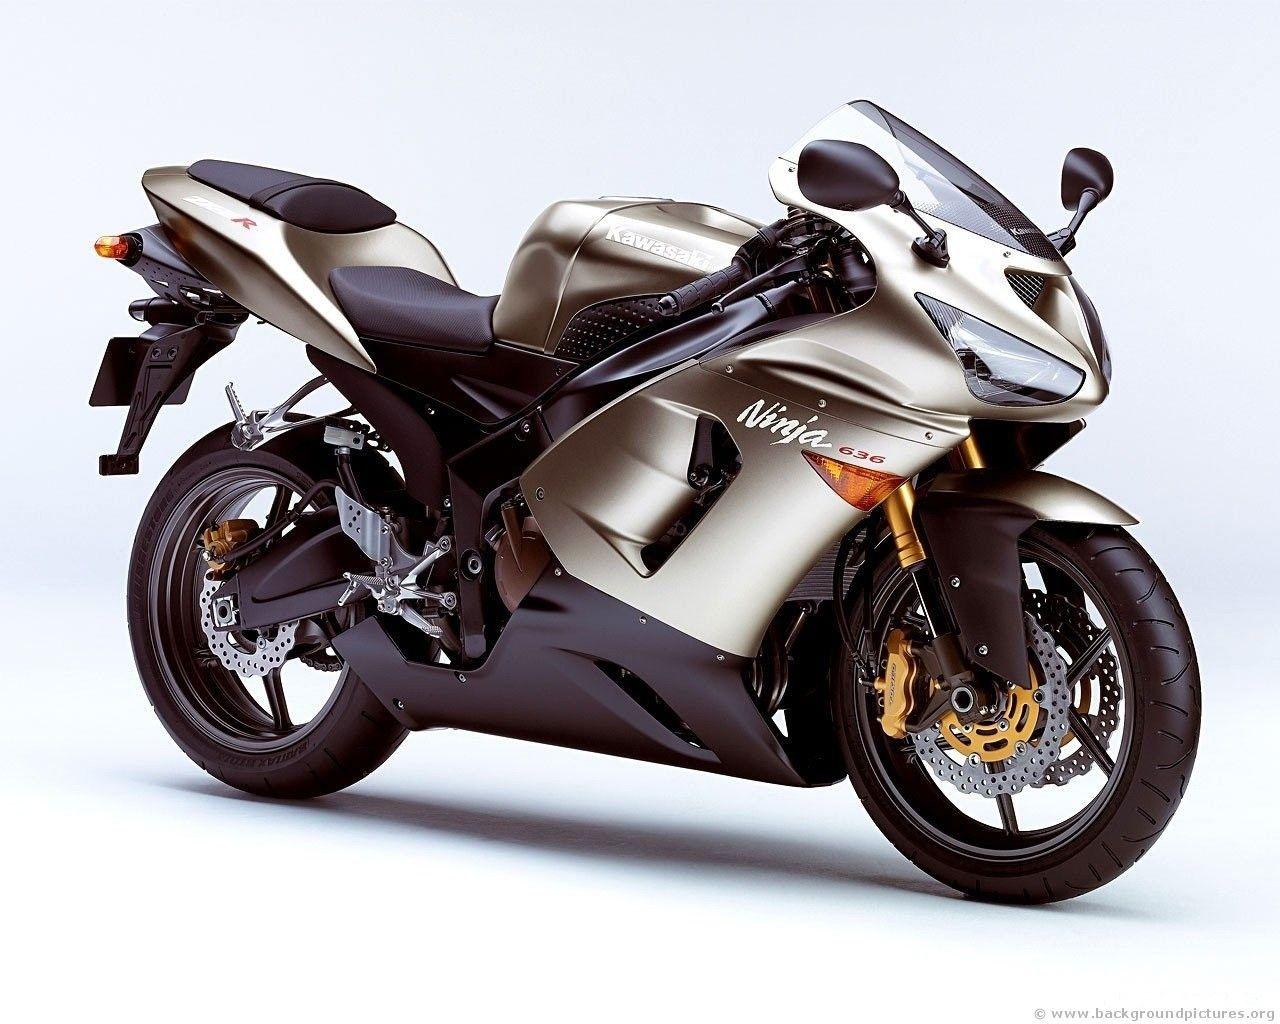 Kawasaki Ninja Rr Most Recent Bike My First True Love